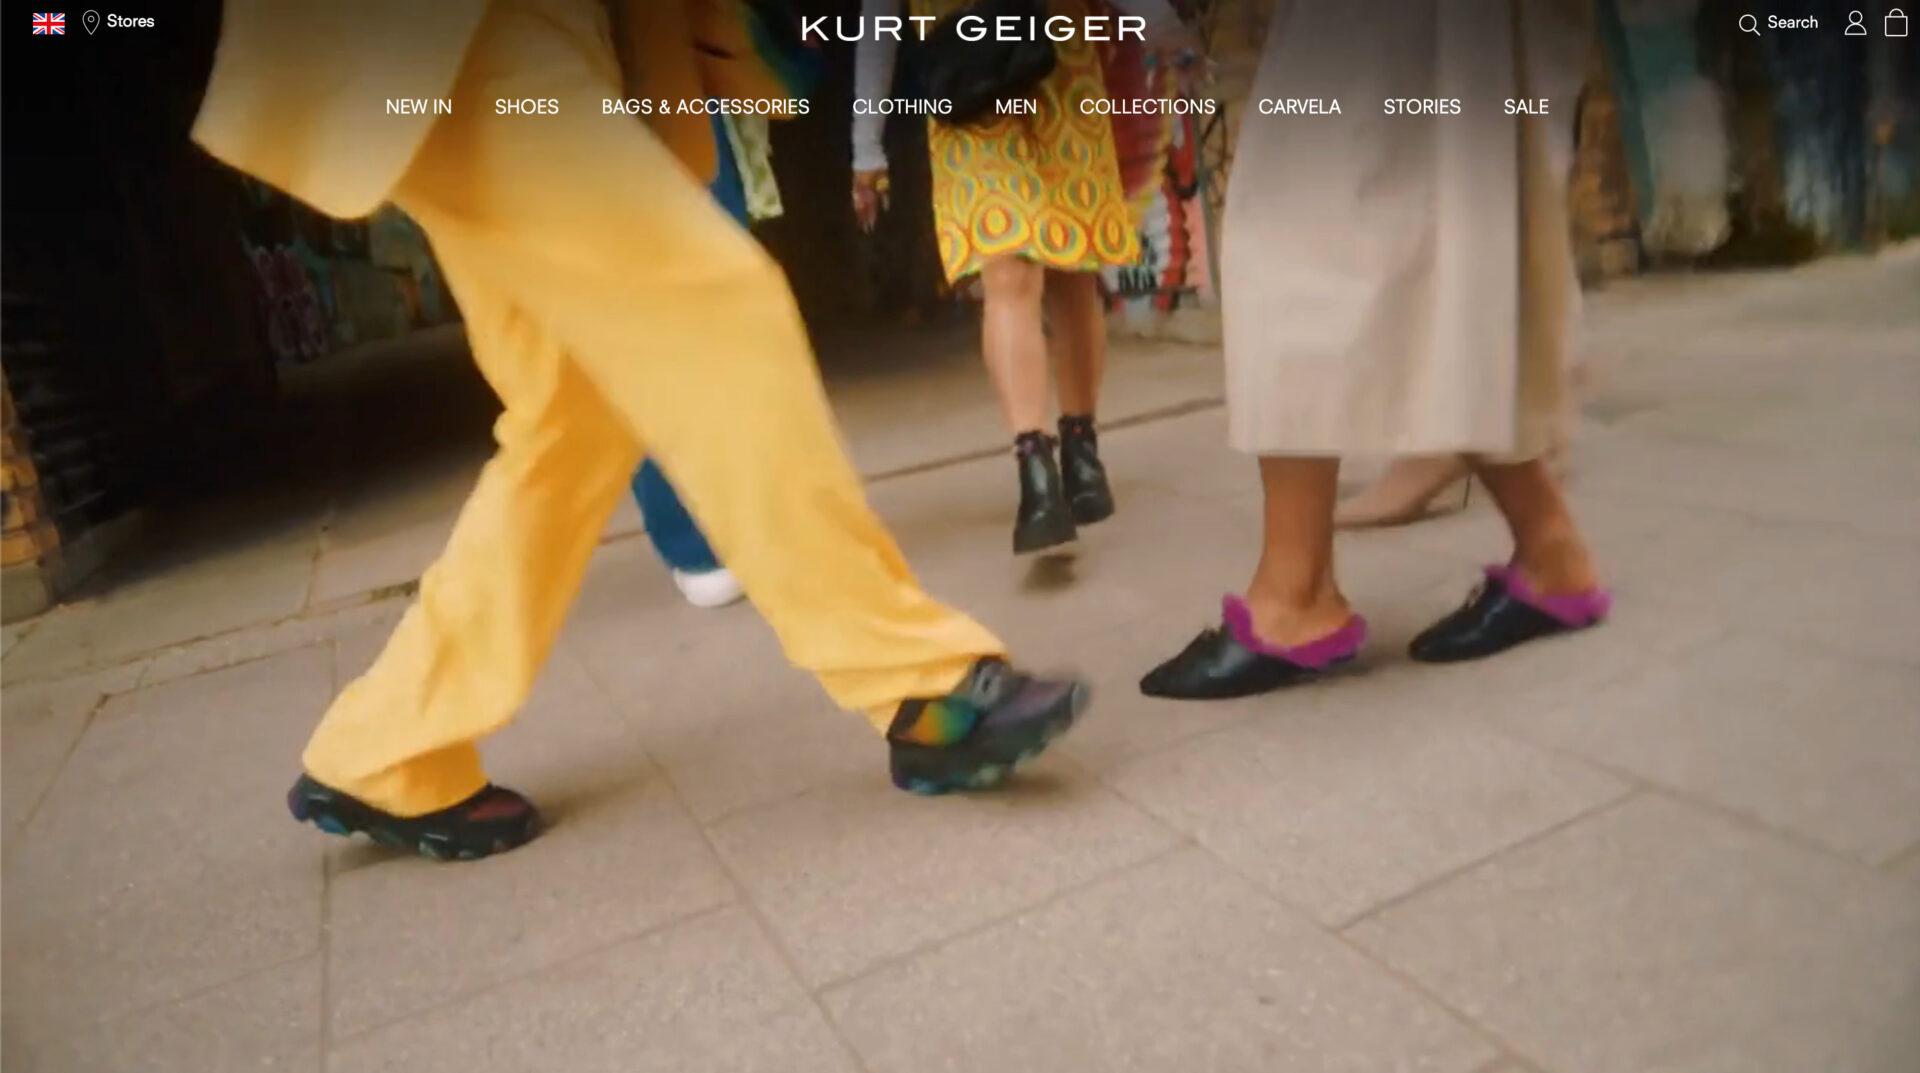 KURT GEIGER カートジェイガーの海外通販